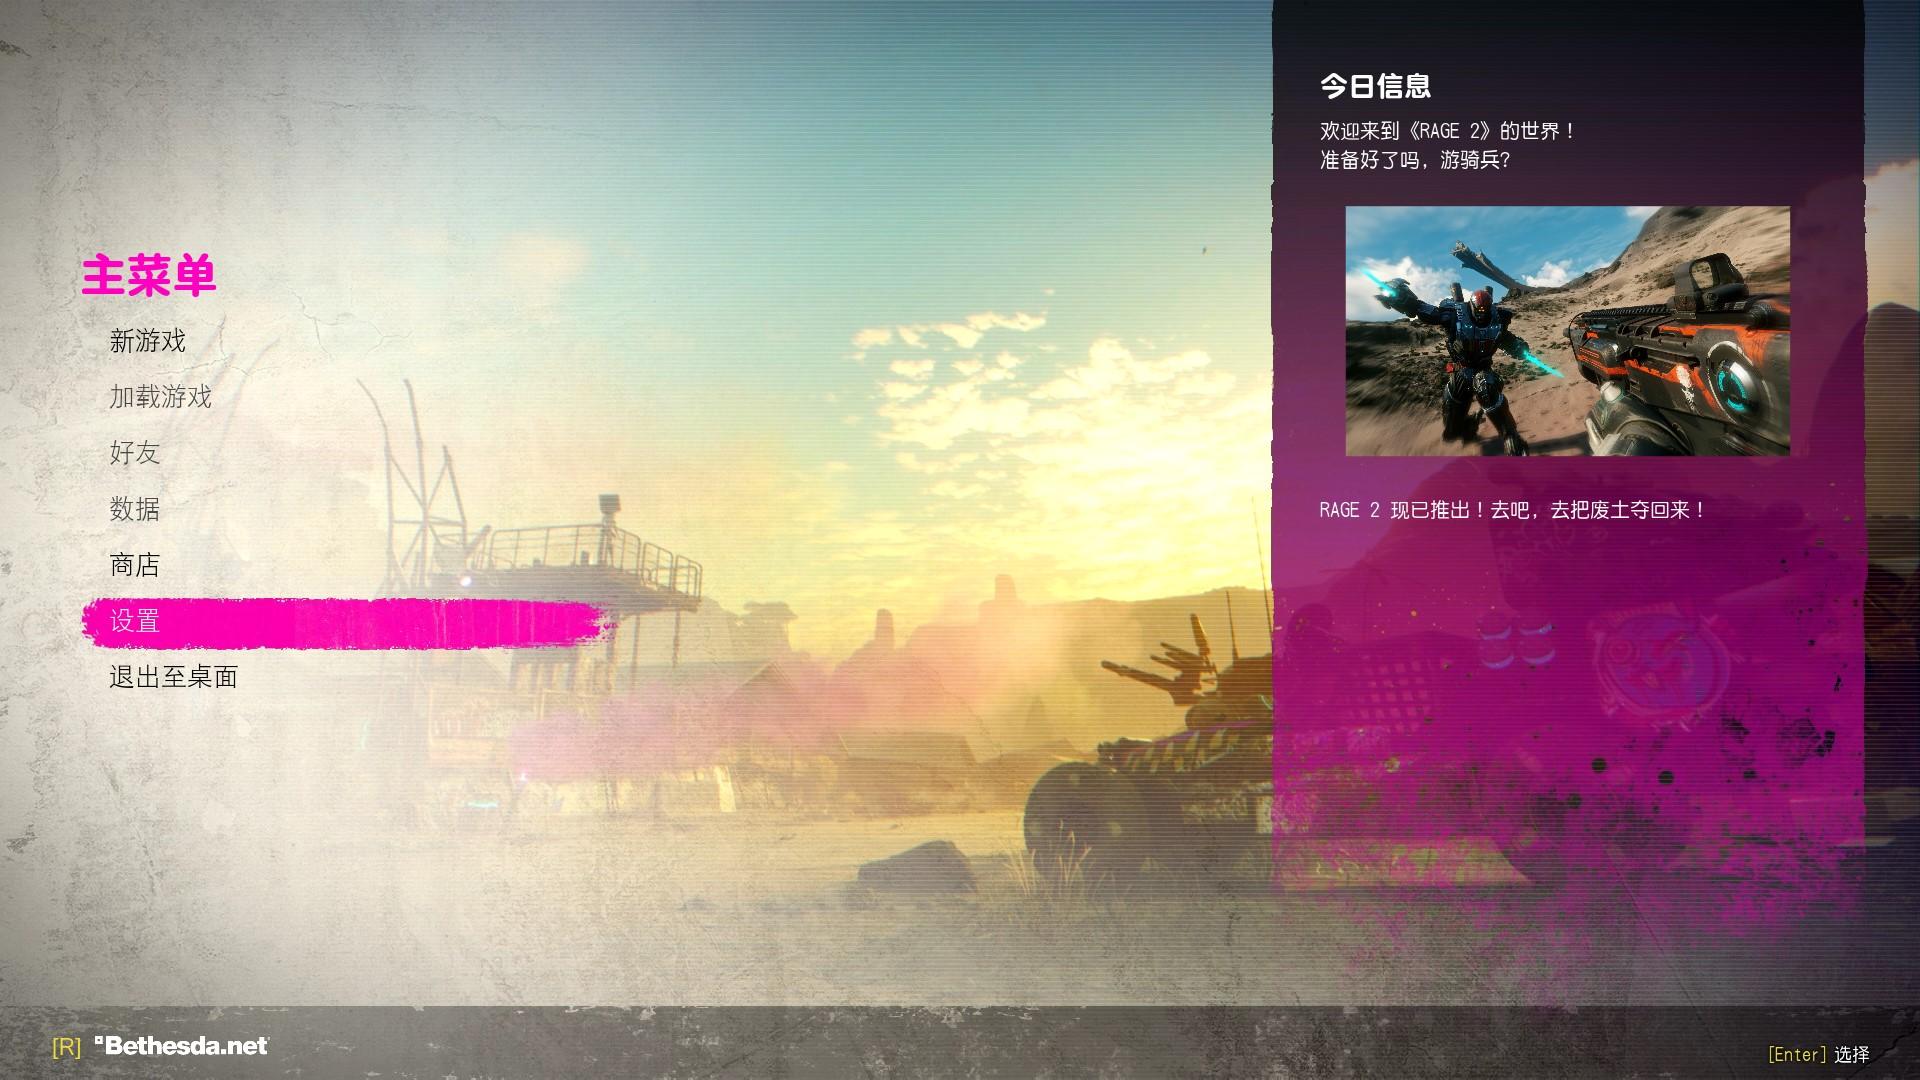 Rage2 Screenshot 2019.05.15 - 08.30.46.99.jpg